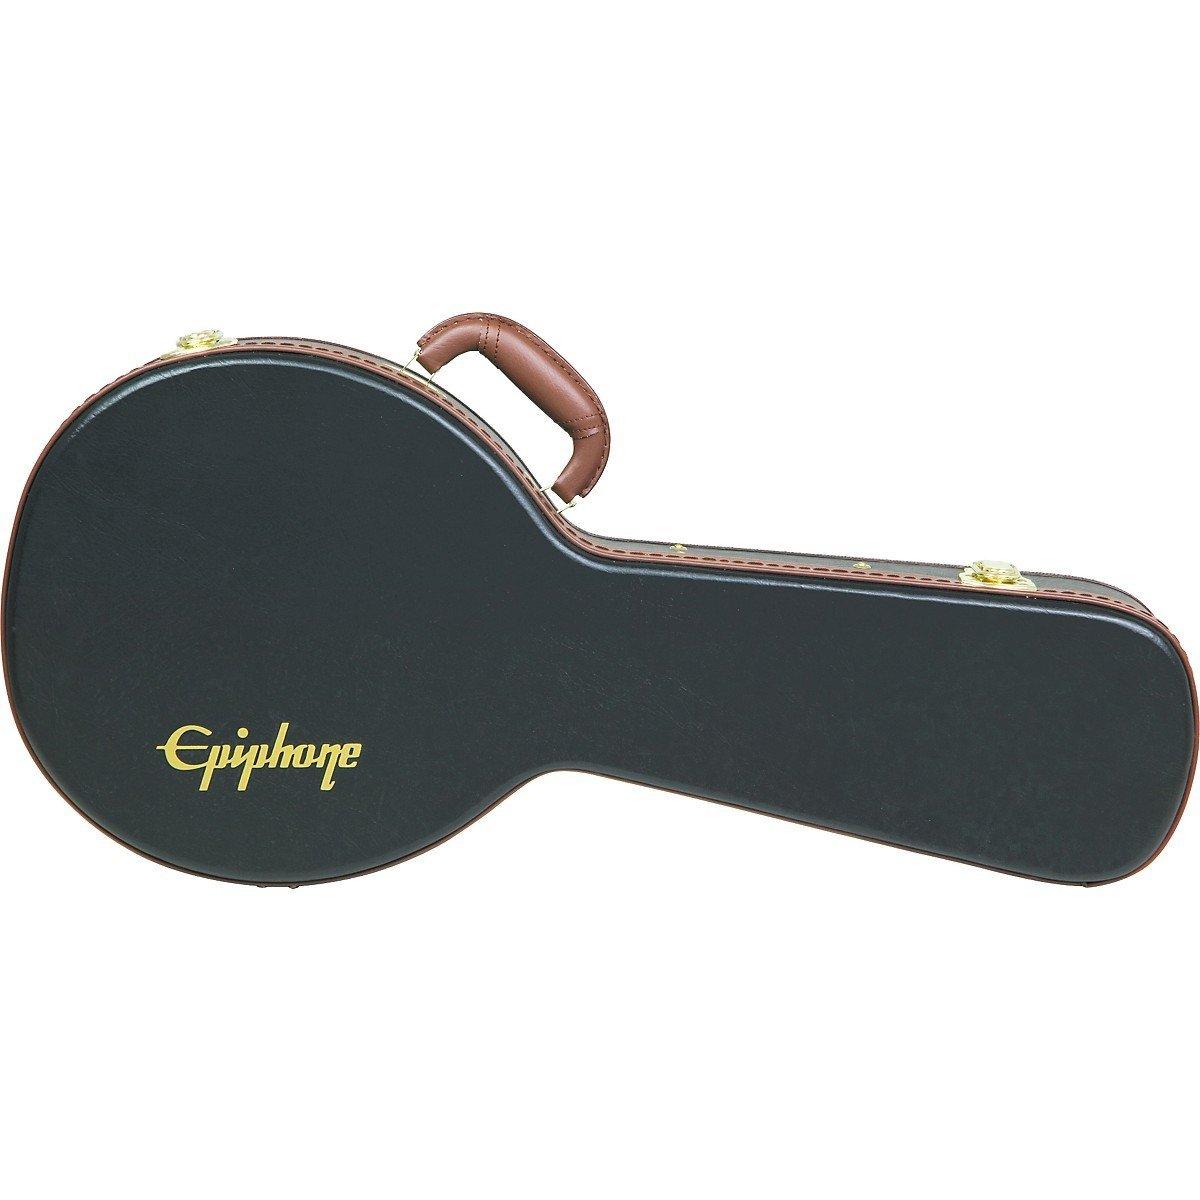 Epiphone kofer za mandolinu